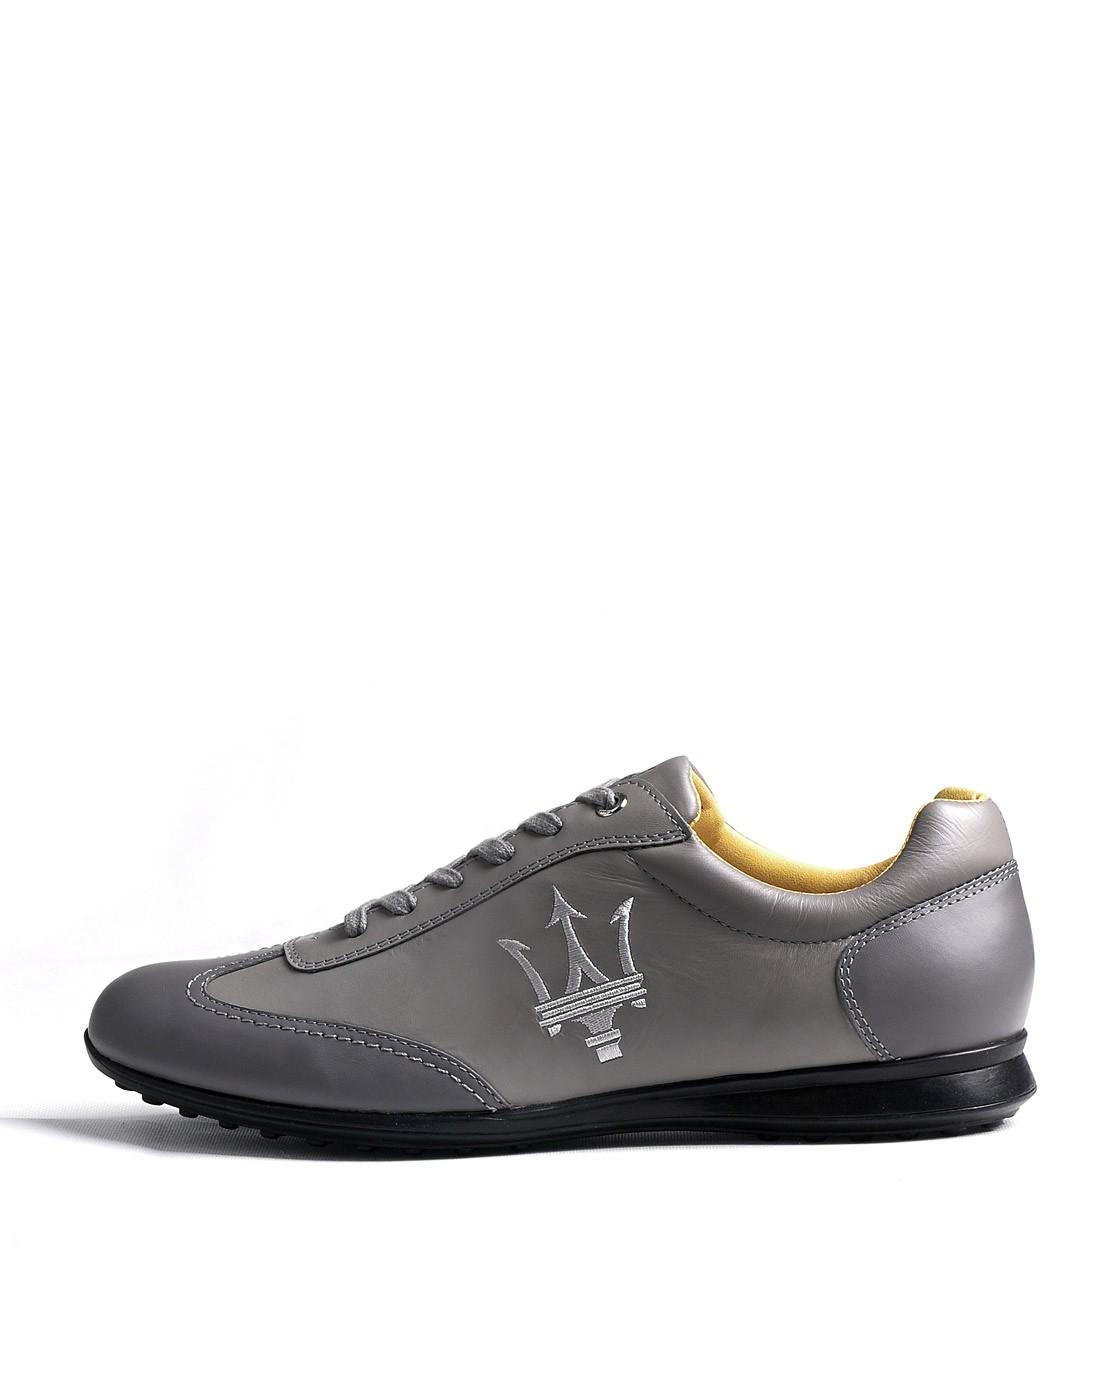 玛莎拉蒂灰色牛皮低邦休闲鞋